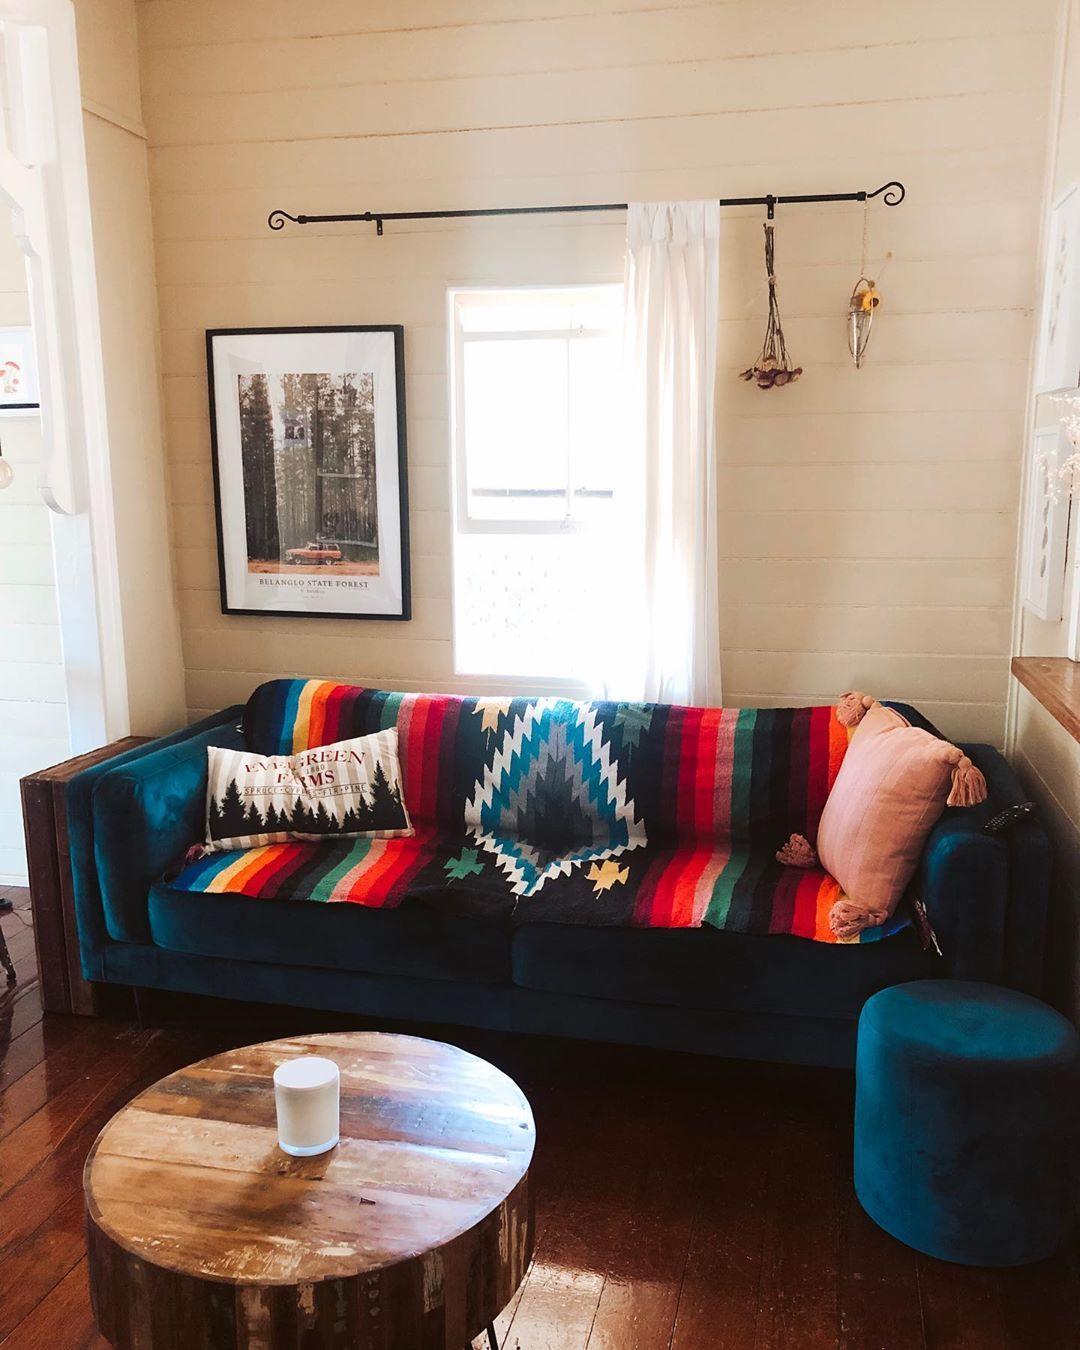 Little boho loungeroom #bohohome #bohostyle #bohodecor